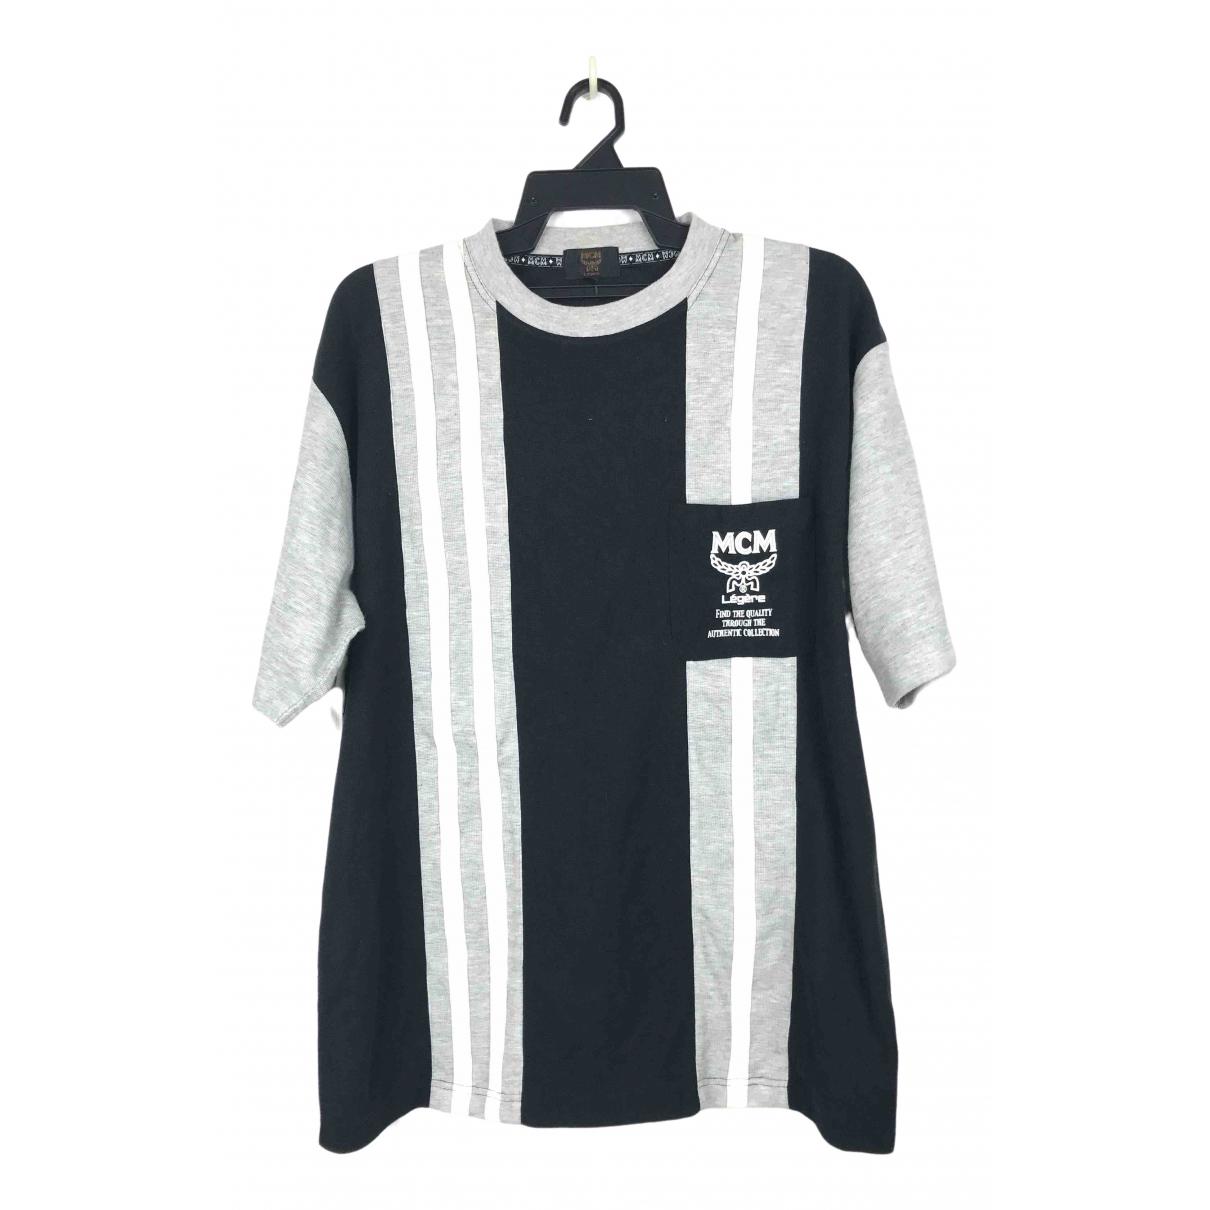 Mcm - Tee shirts   pour homme en coton - gris